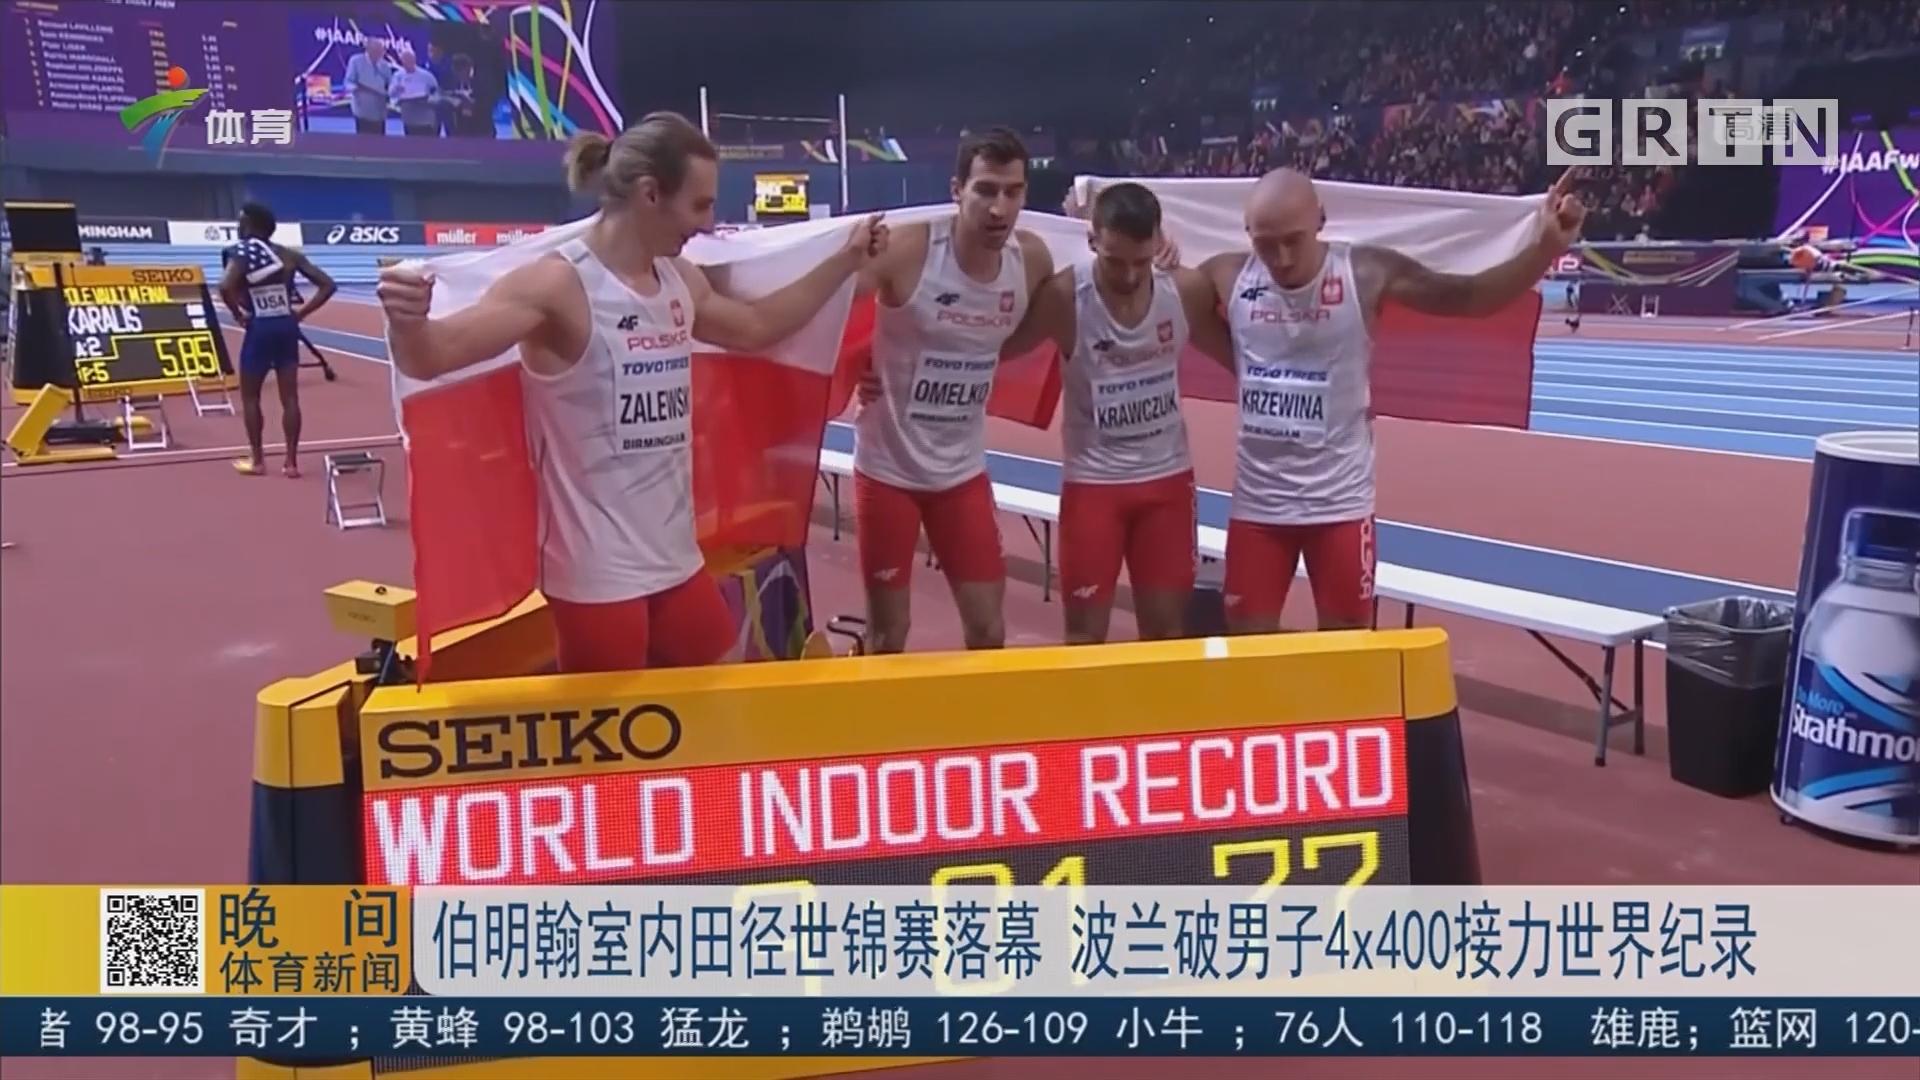 伯明翰室内田径世锦赛落幕 波兰破男子4x400接力世界纪录